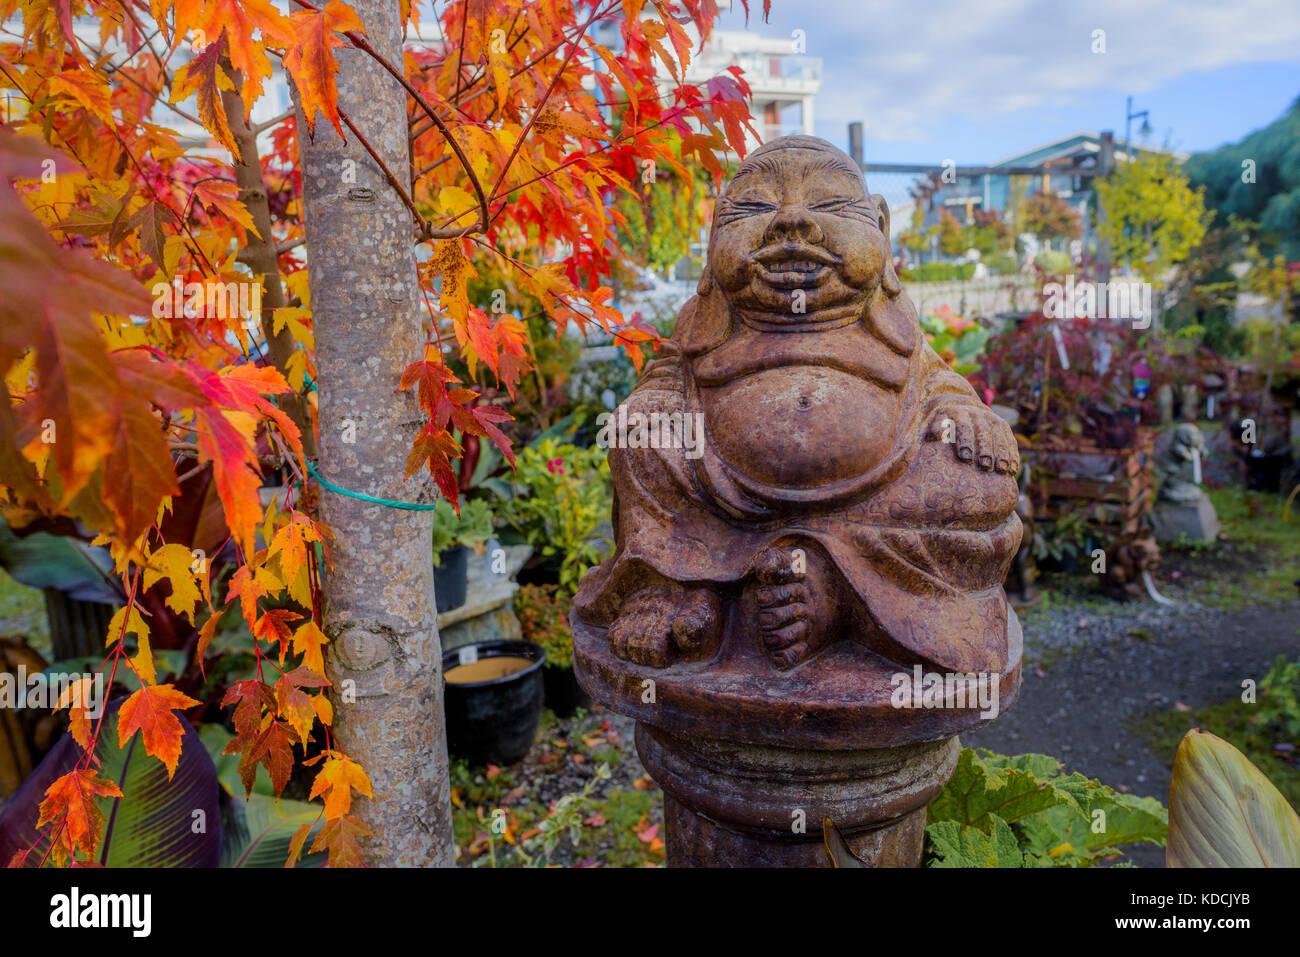 Giardino accento, villaggio di Steveston, Richmond, British Columbia, Canada. Immagini Stock